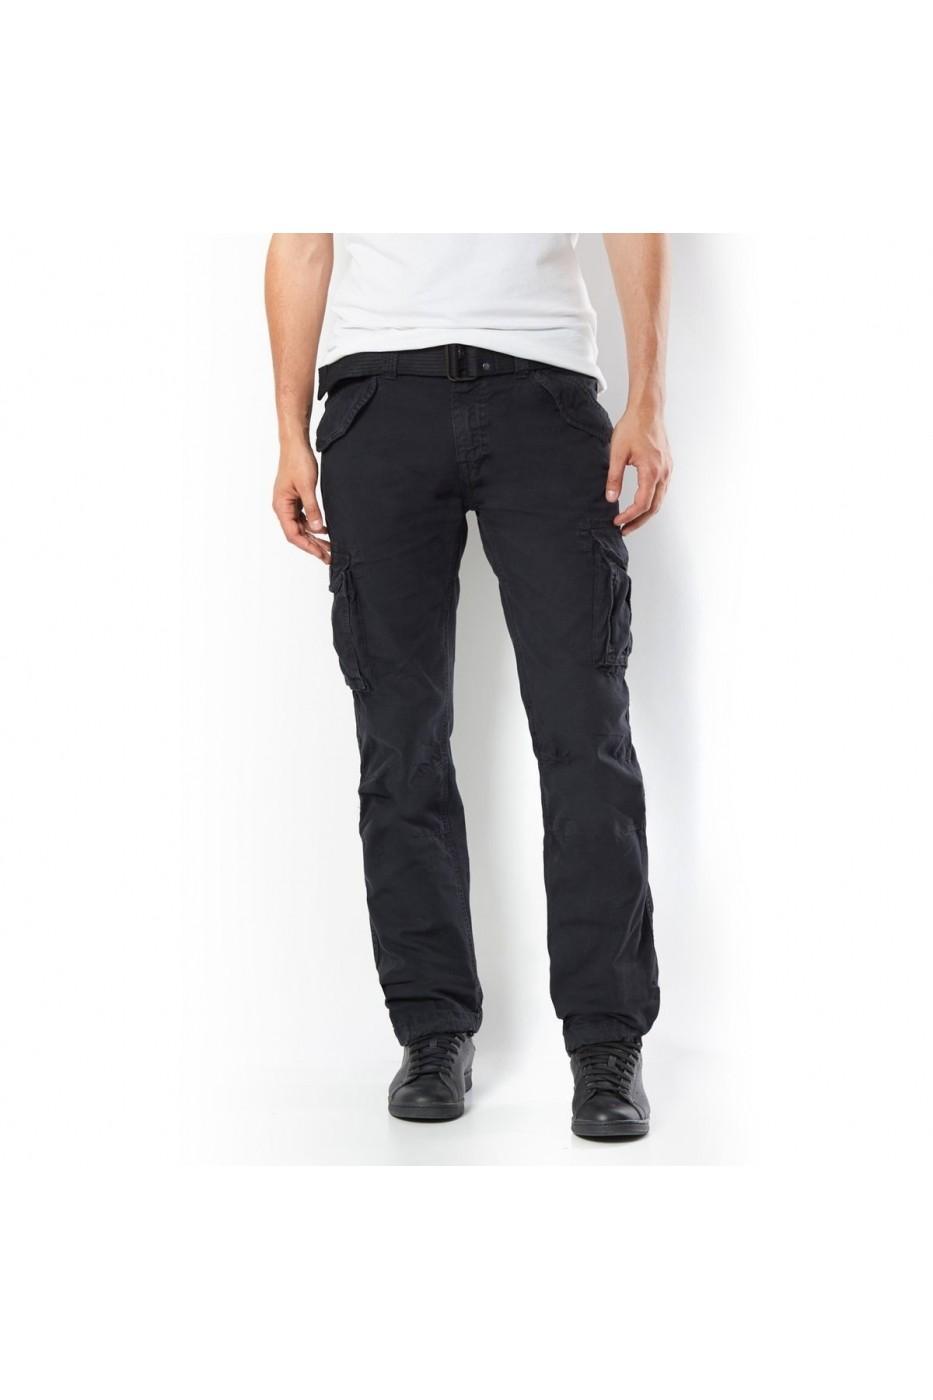 67173c1d82 SCHOTT Hosszu szárú nadrágok LRD-GDN497_negru_els Fekete - FashionUP!